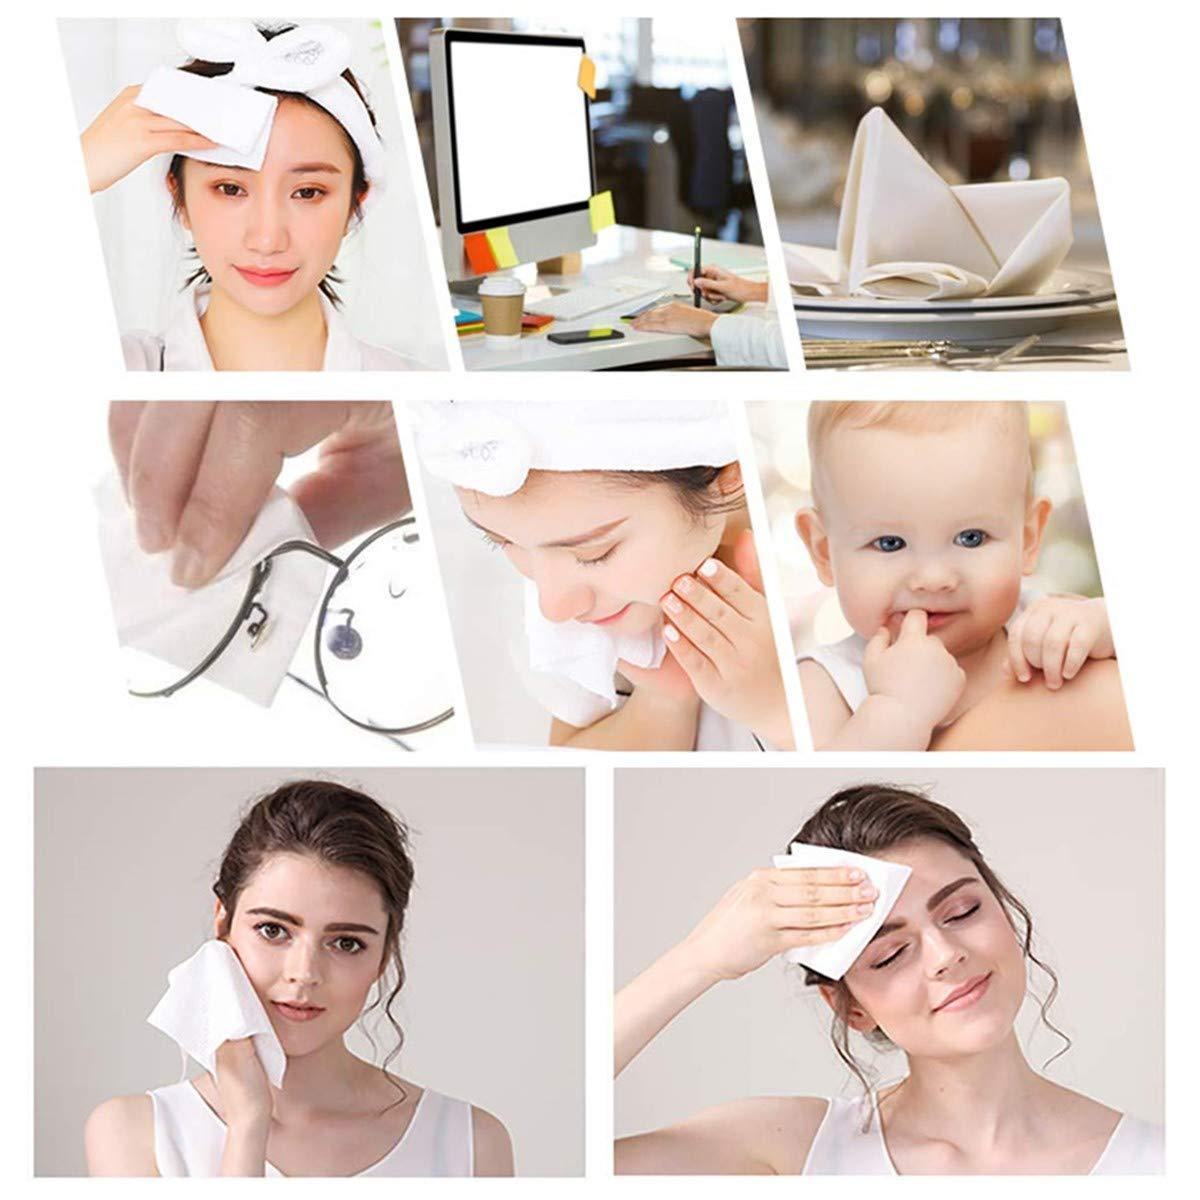 Confezione da 80 panni in cotone usa e getta per la pulizia del viso in tessuto non tessuto morbido di cotone per rimuovere il trucco del viso occhi e smalto per unghie